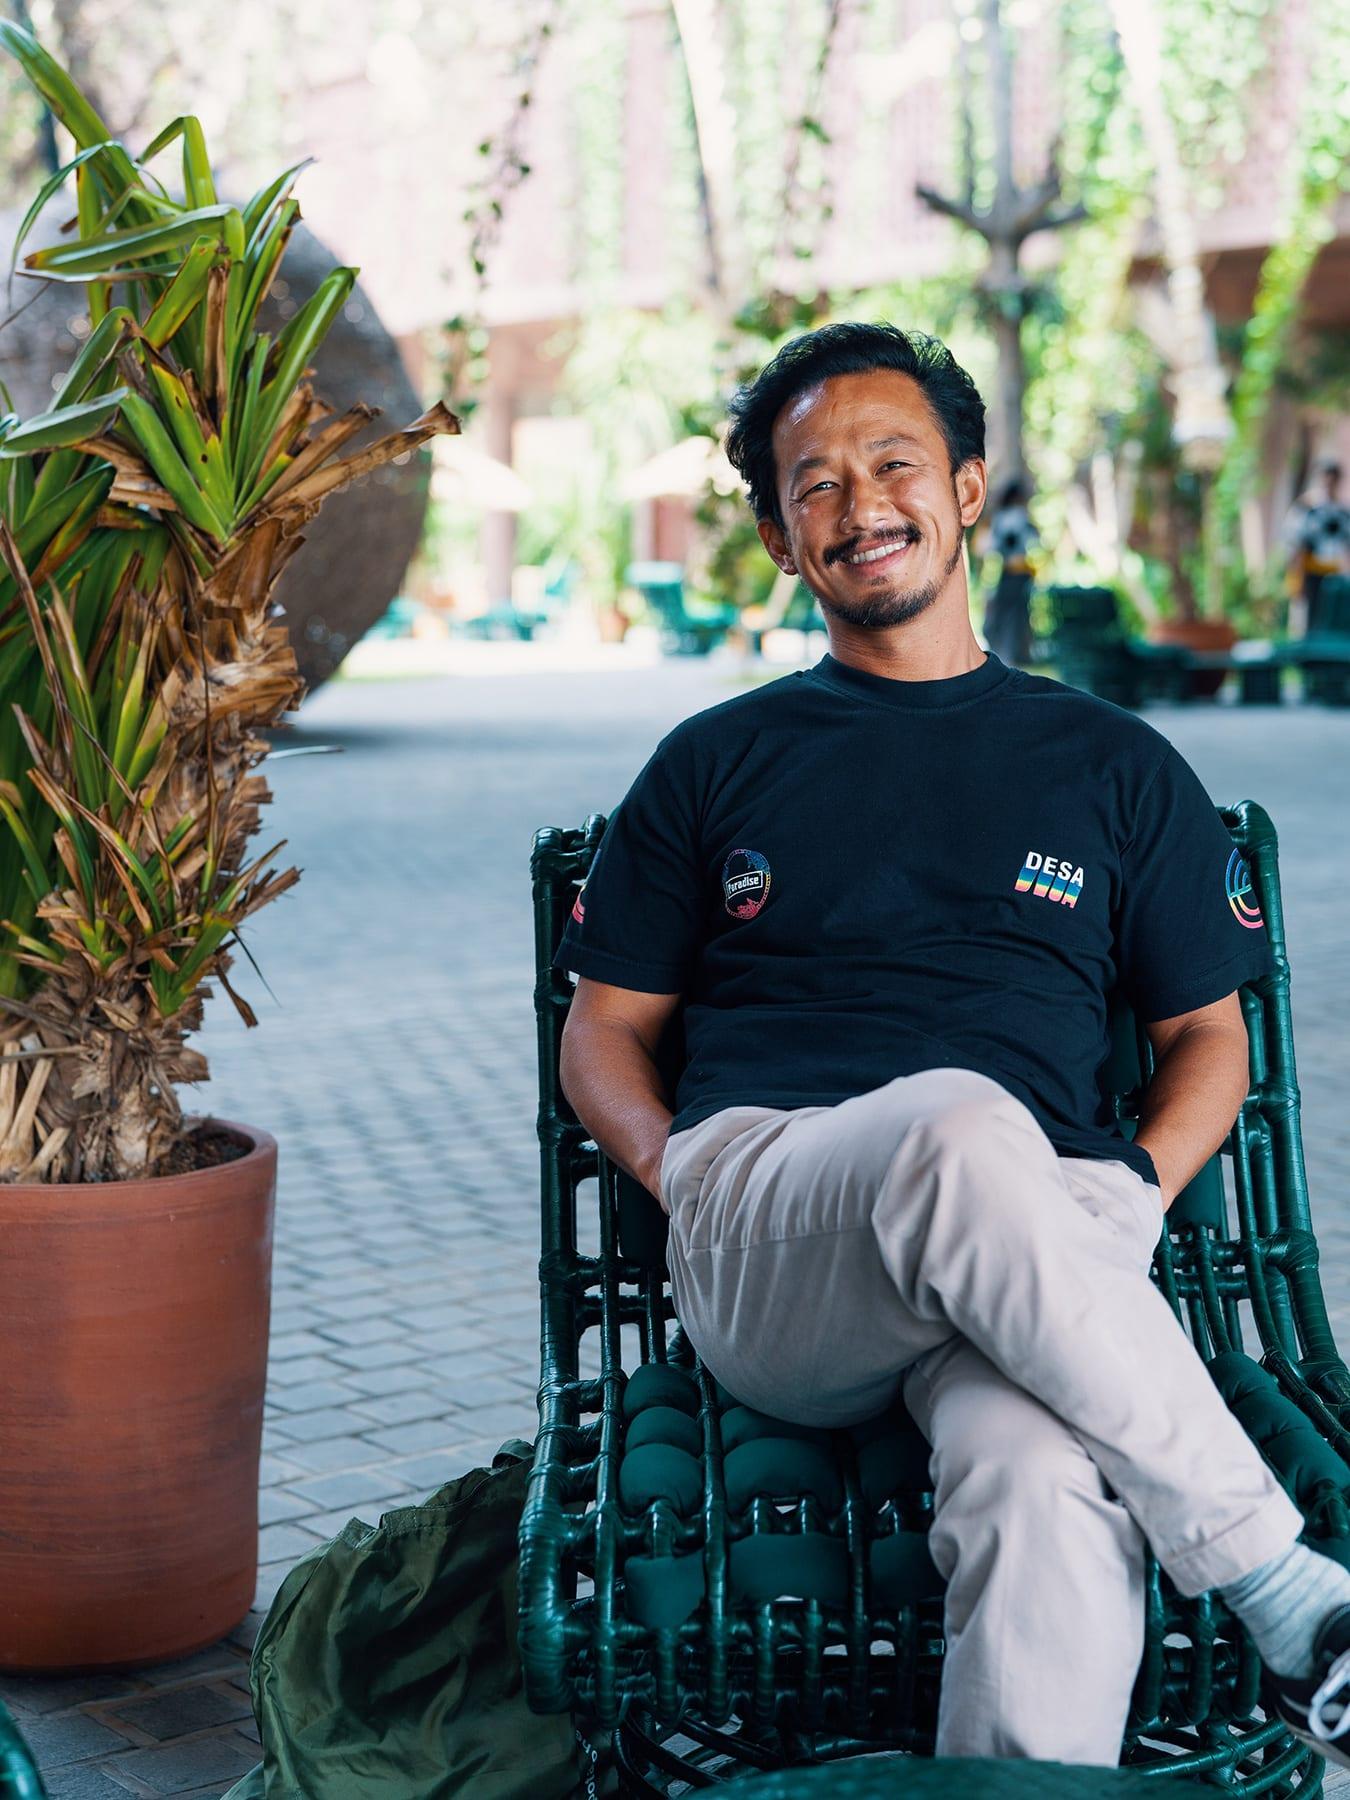 Gặp gỡ doanh nhân Indonesia: Người đứng sau khu nghỉ dưỡng Potato Head của Bali